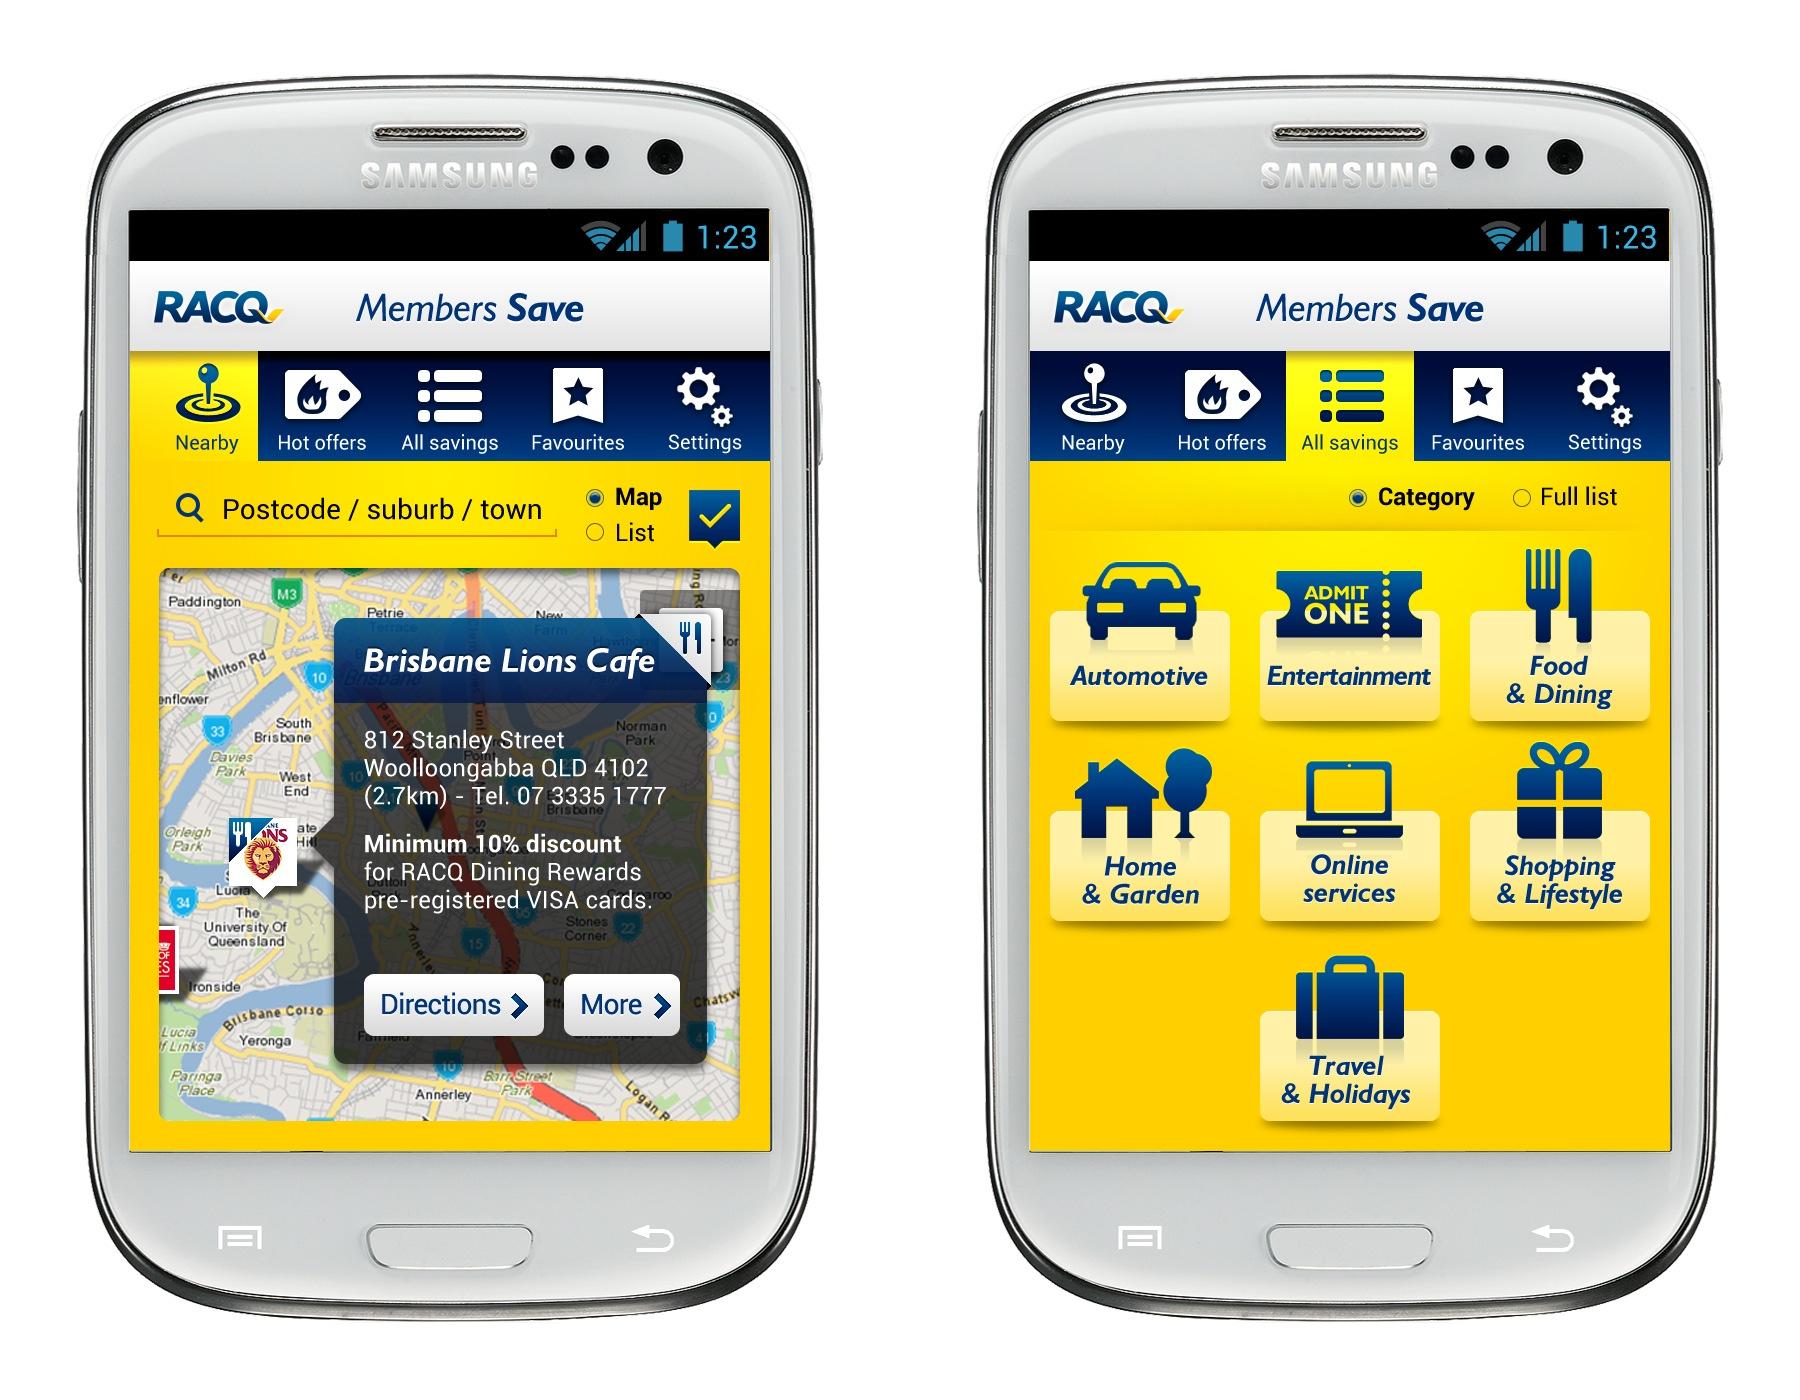 2013-03-Dining-rewards-mobile-app-UI-member-save-android-v01-05.jpg